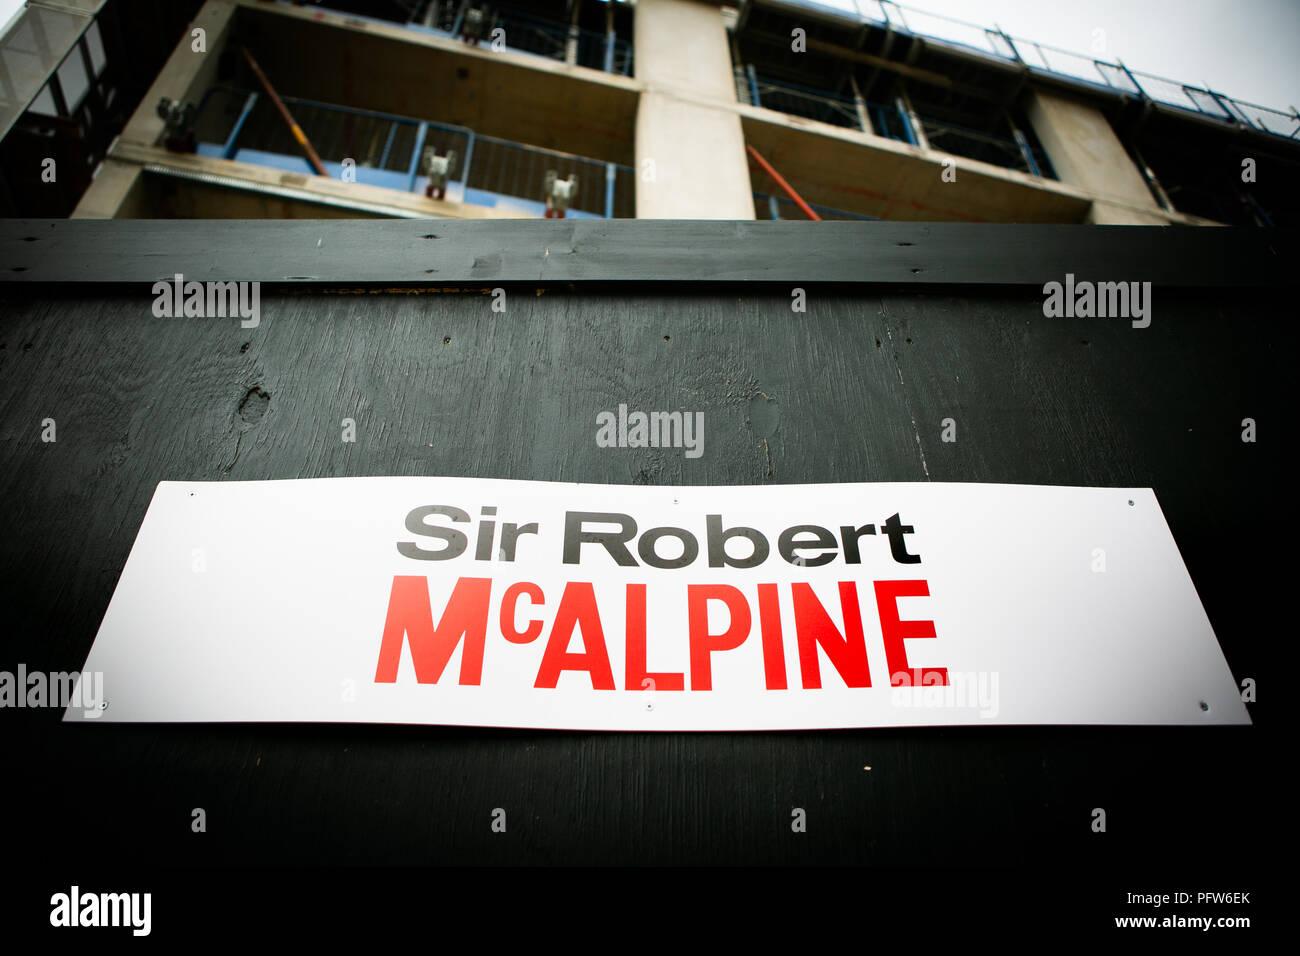 Sir Robert Mcalpine Construction Stock Photos Amp Sir Robert